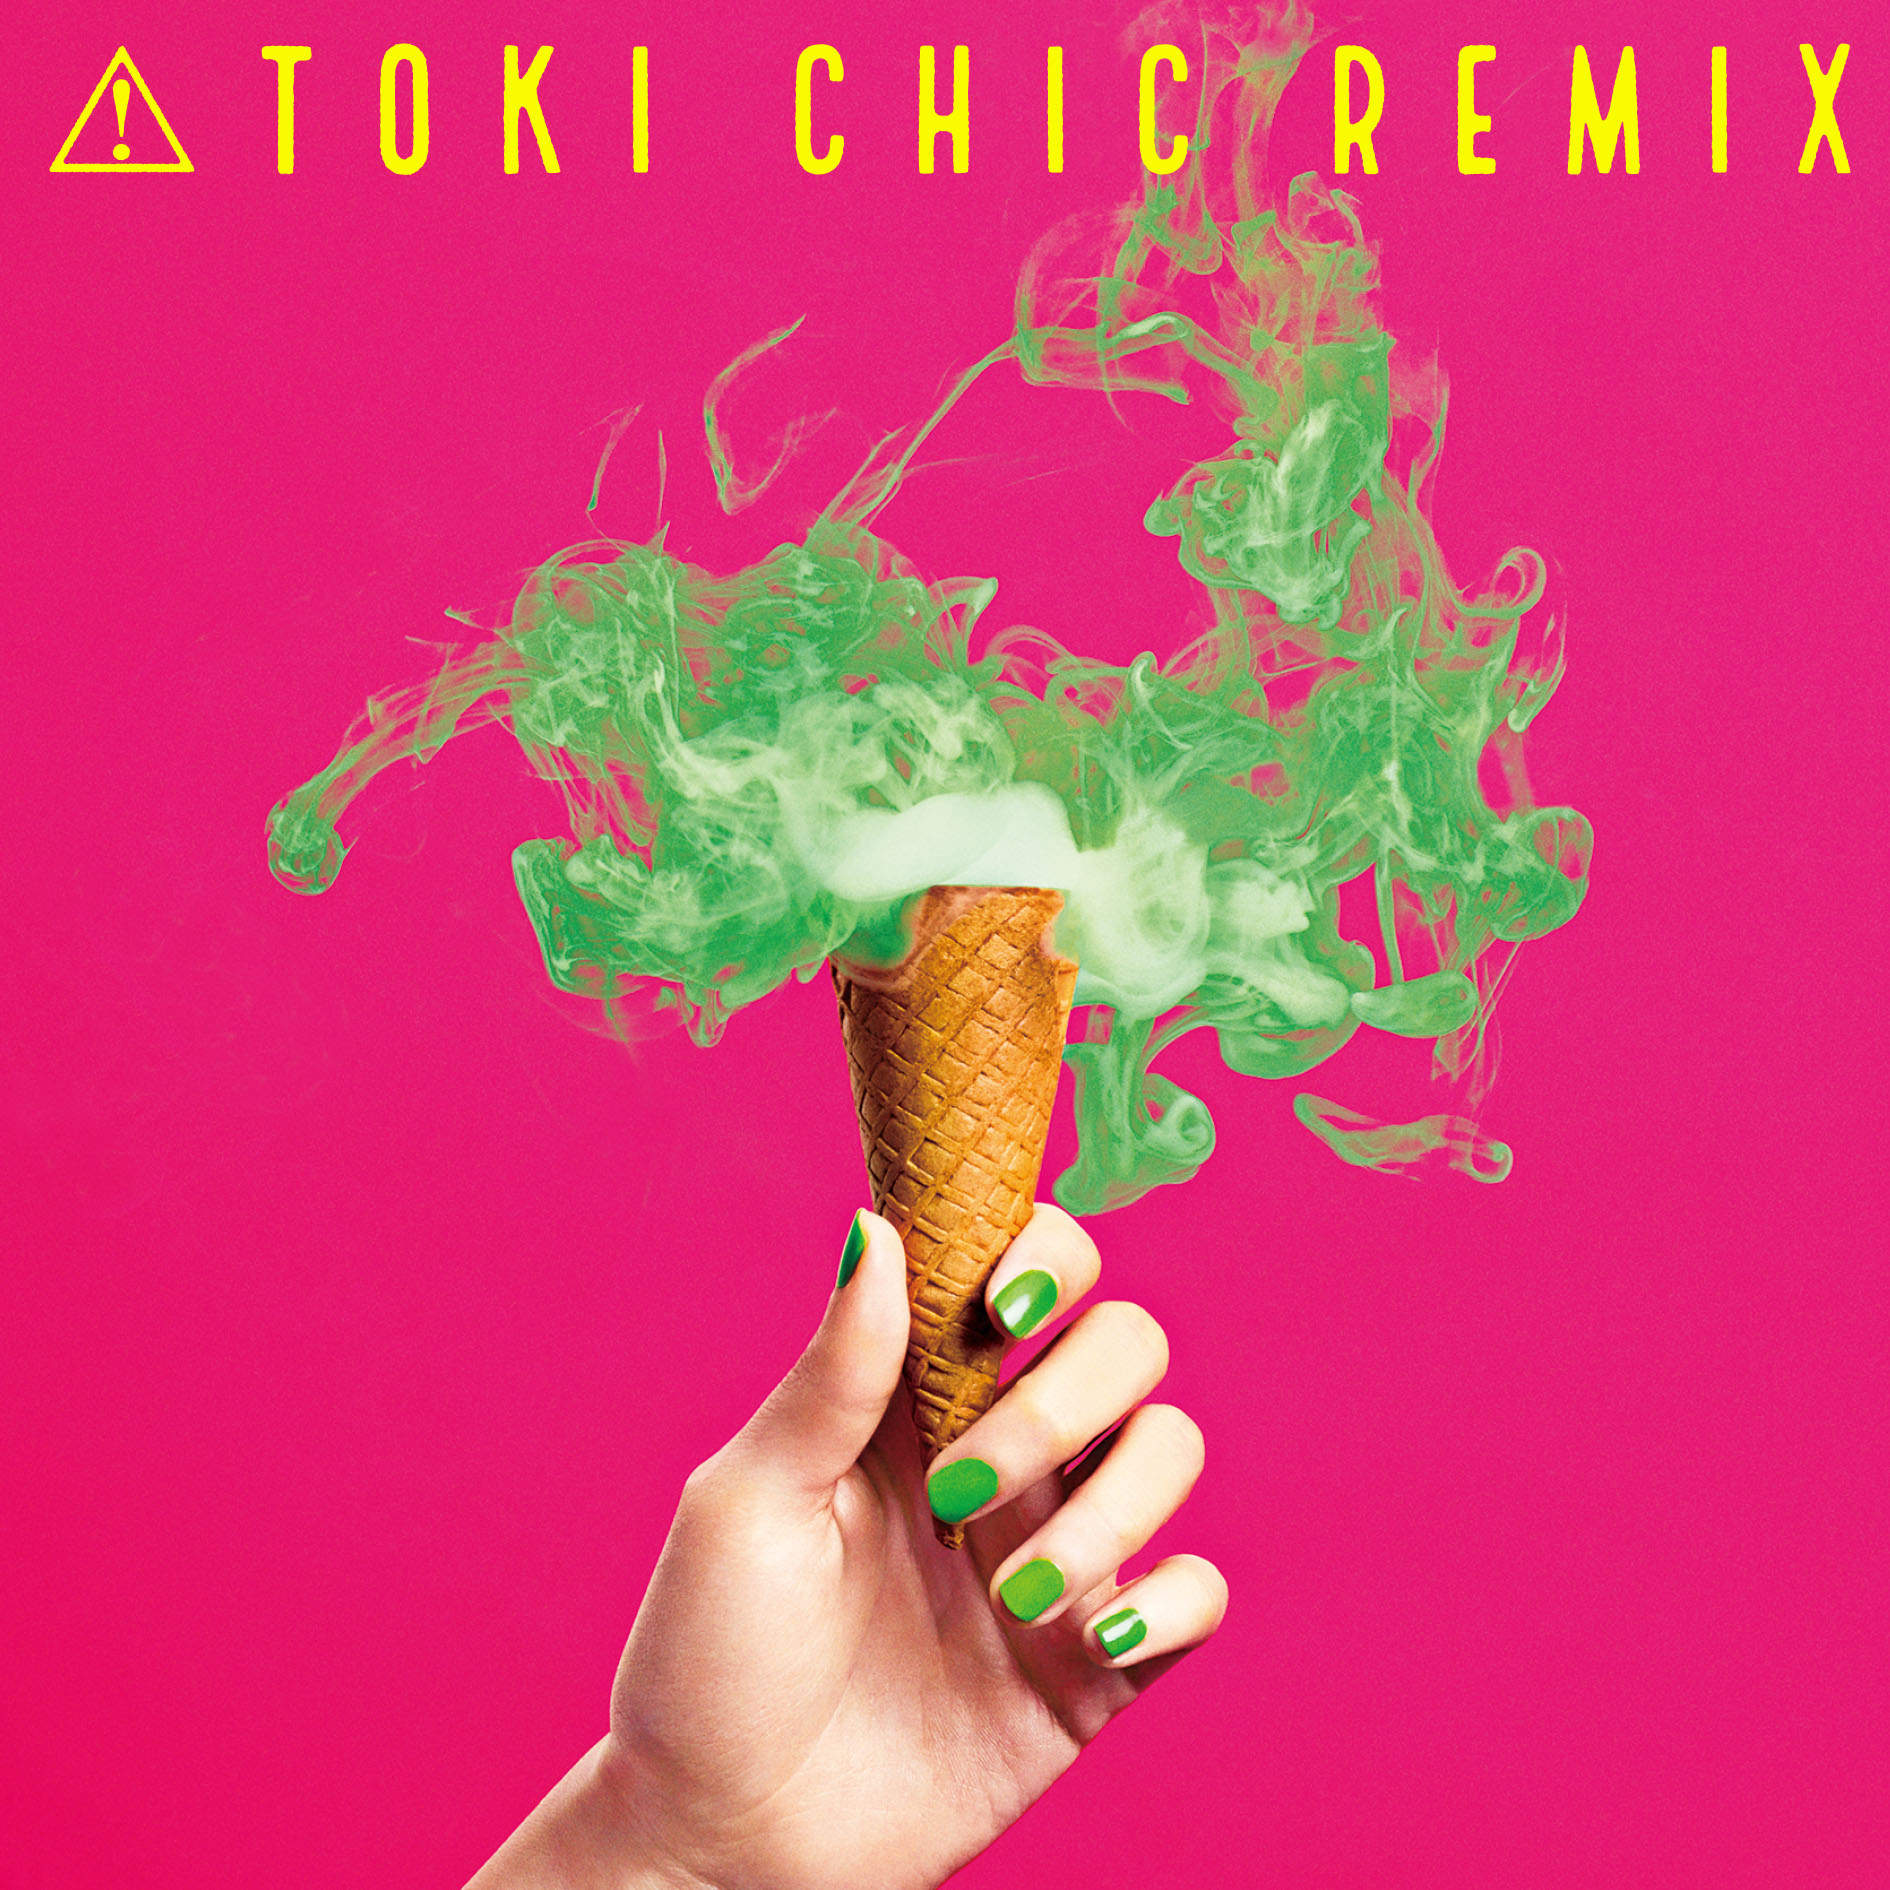 6/26発売 土岐麻子さんのリミックスアルバム「TOKI CHIC REMIX」に曽我部恵一「名前(Keiichi SokabeRemix)」が収録されております。